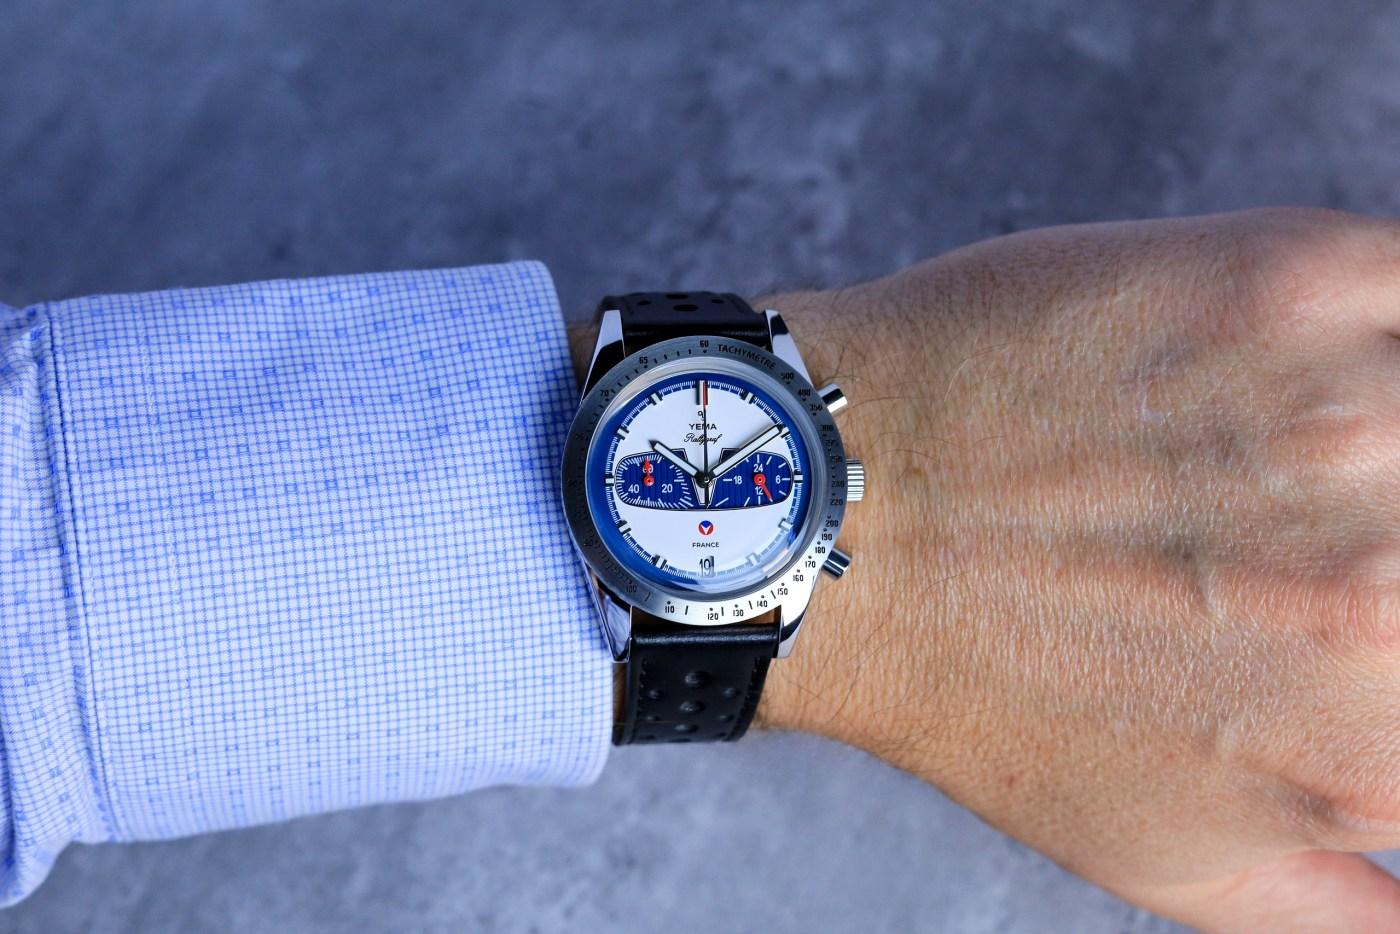 Yema Rallygraf Michel Vaillant wristshot